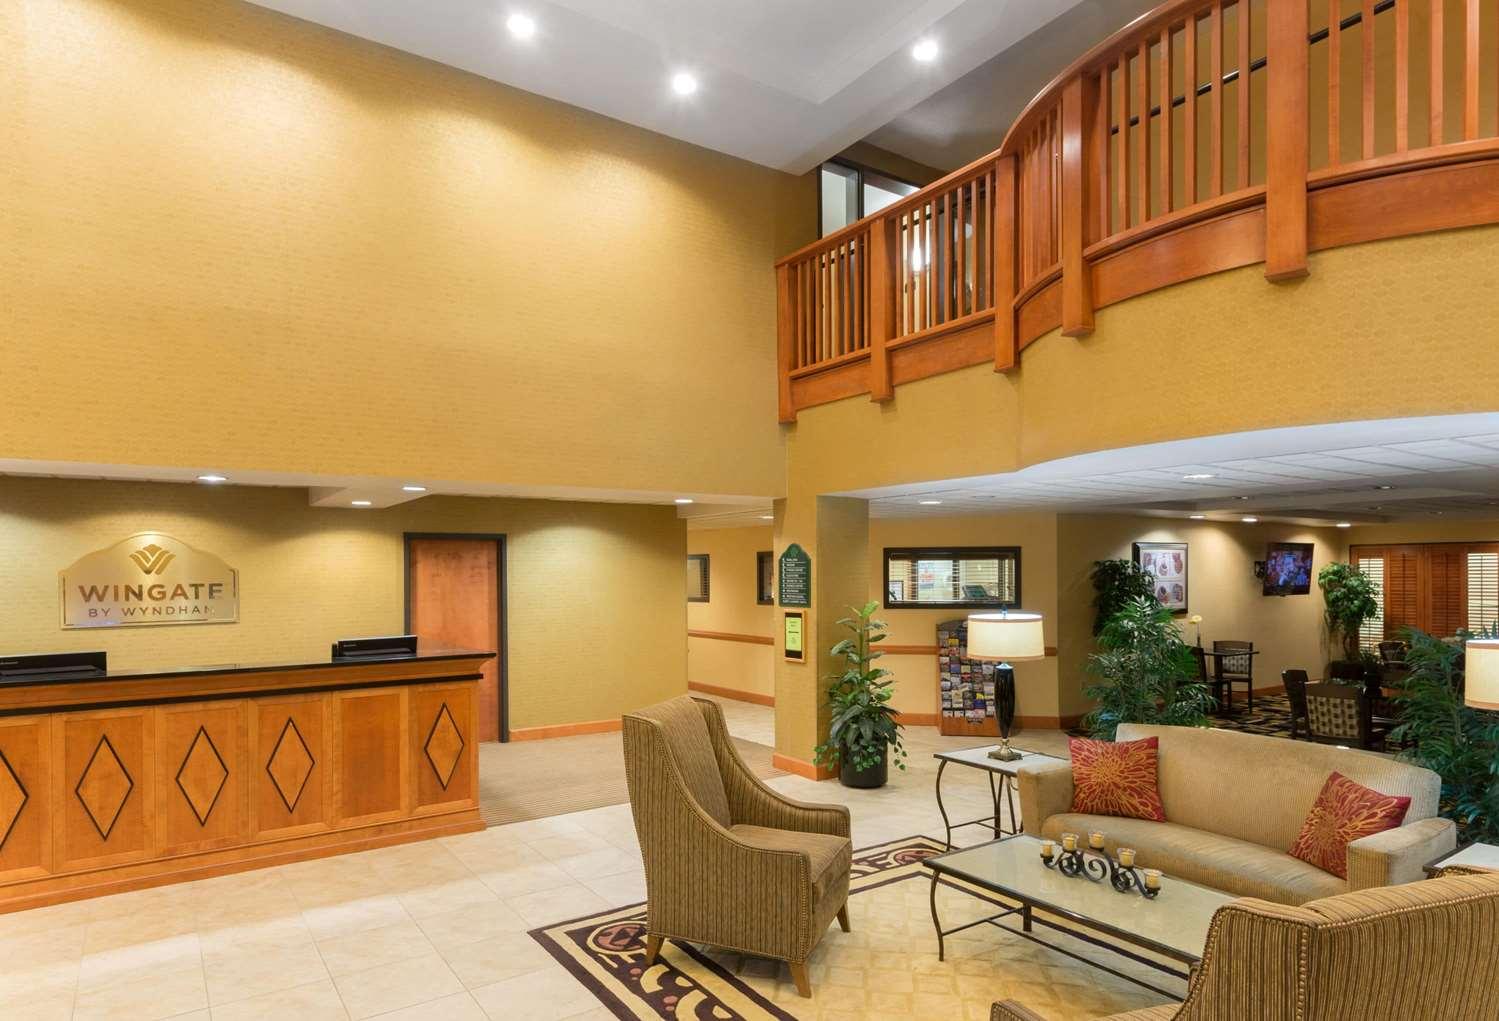 Lobby - Wingate by Wyndham Hotel Fairborn